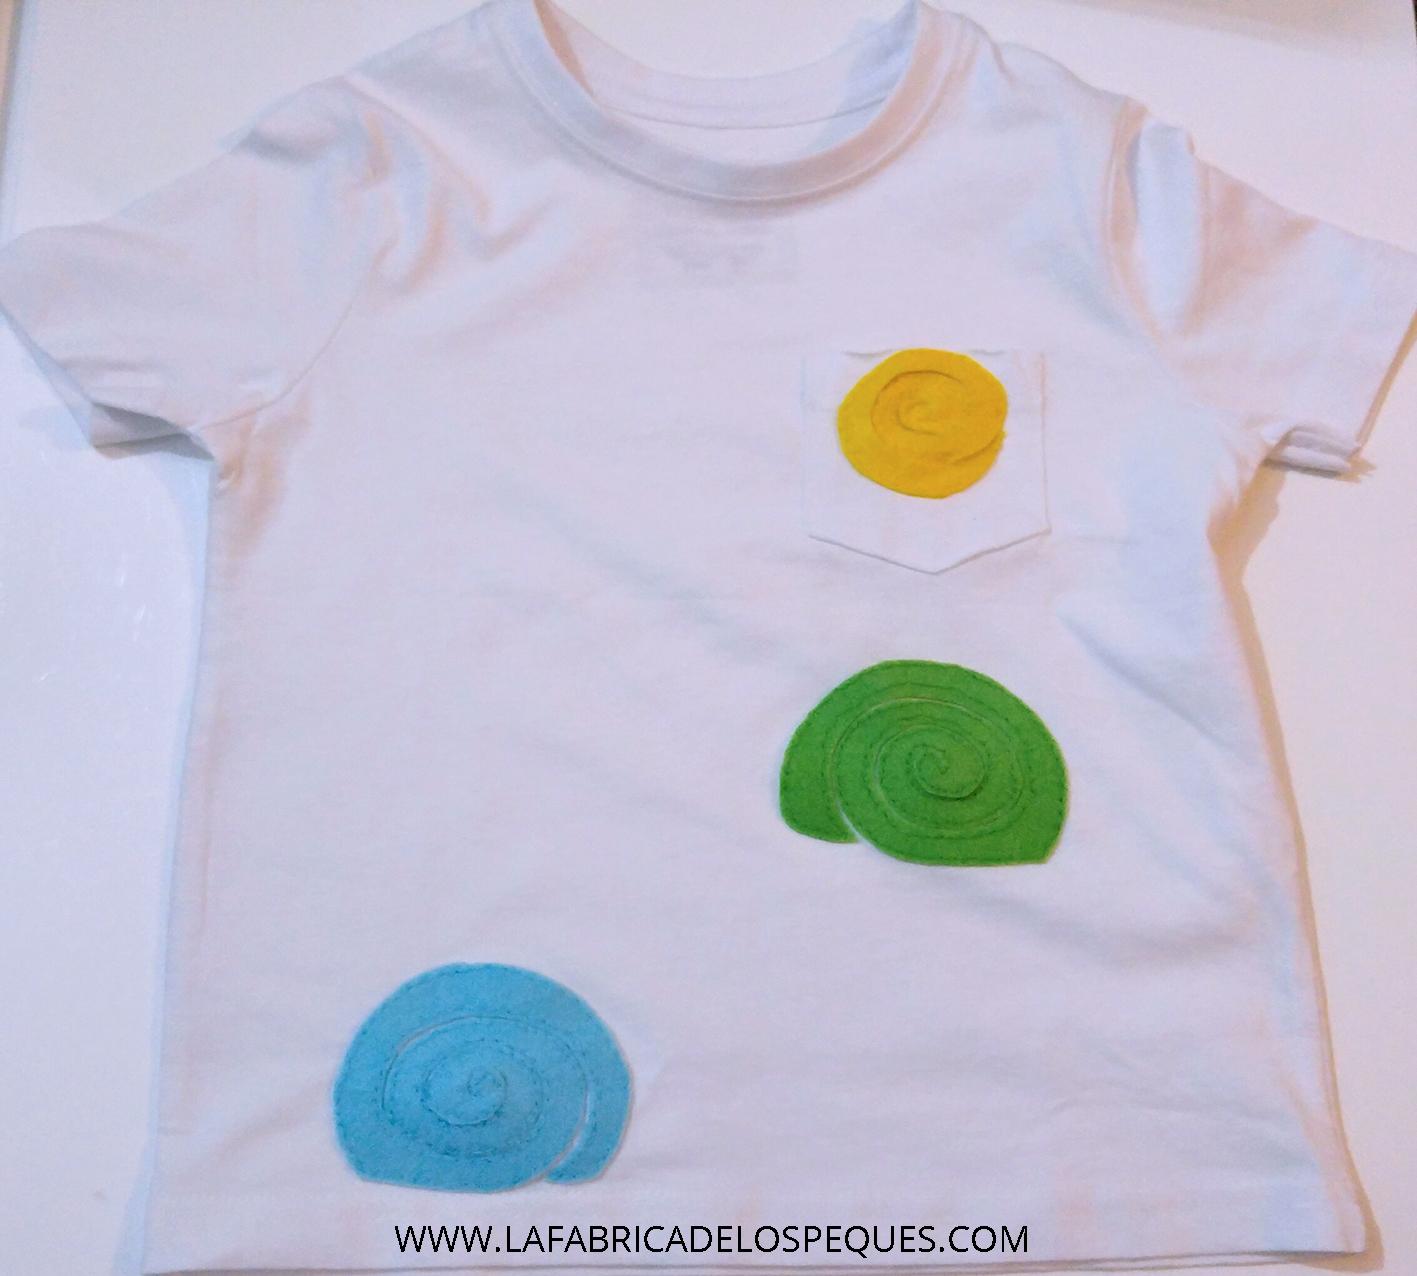 Camisetas Estampadas Y Decoradas Con Peques La Fábrica De Los Peques